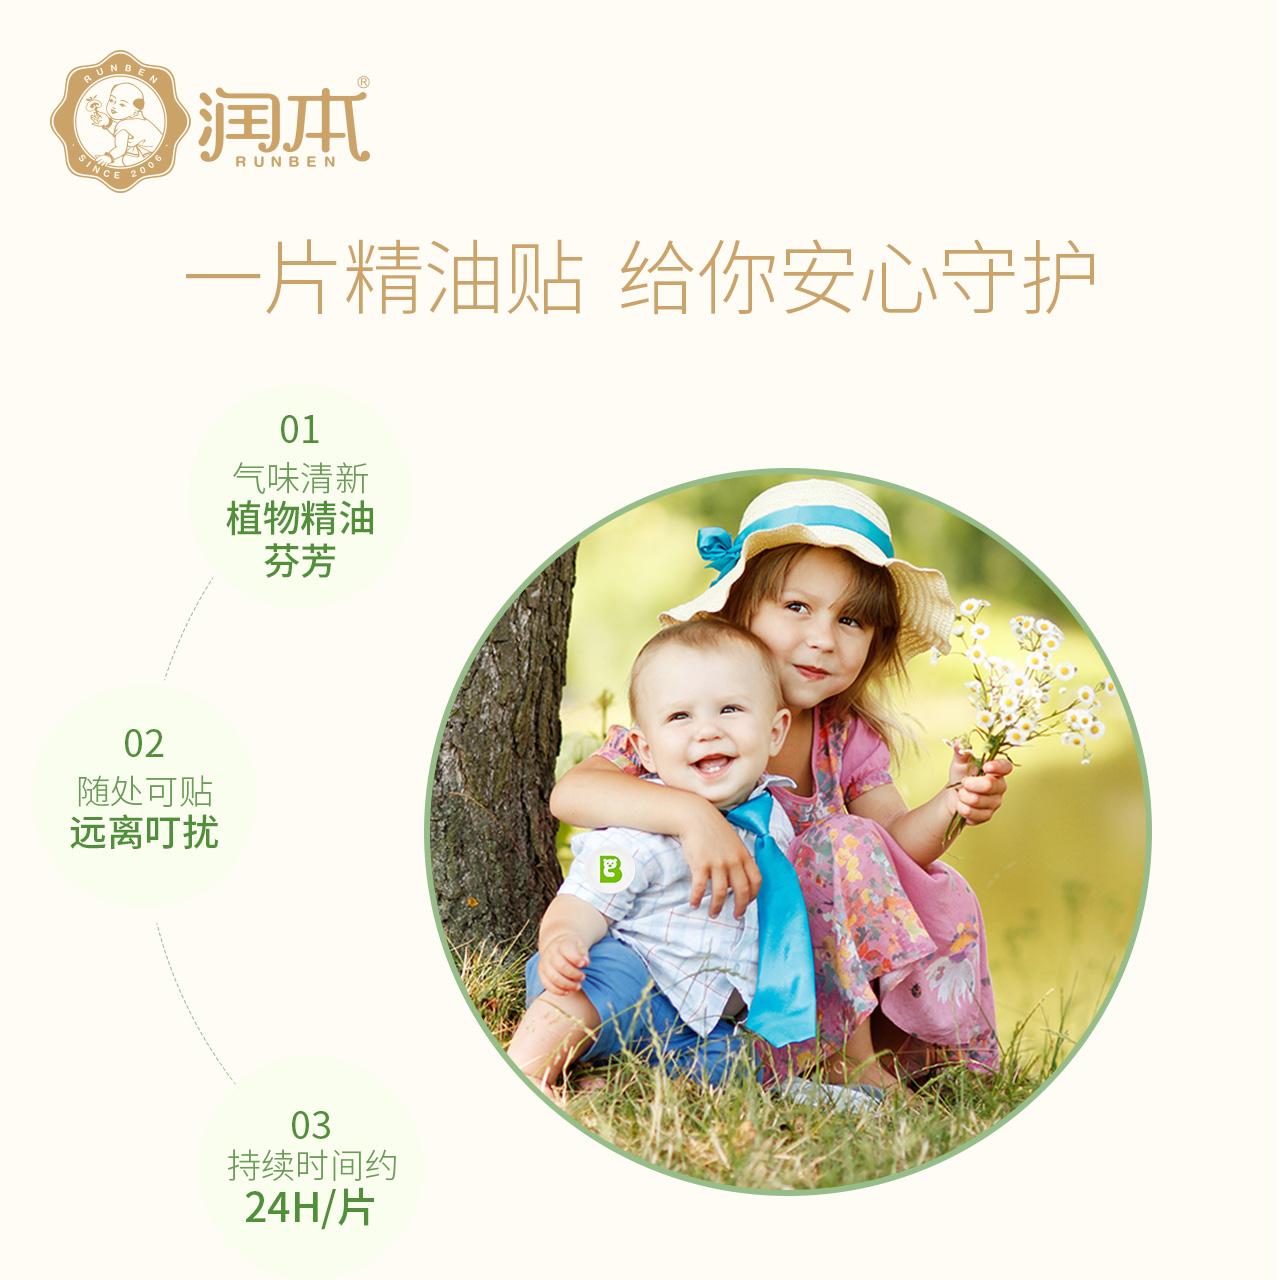 润本驱蚊贴婴儿精油纳米驱蚊贴 宝宝驱蚊手环防蚊子贴随身卡通6盒